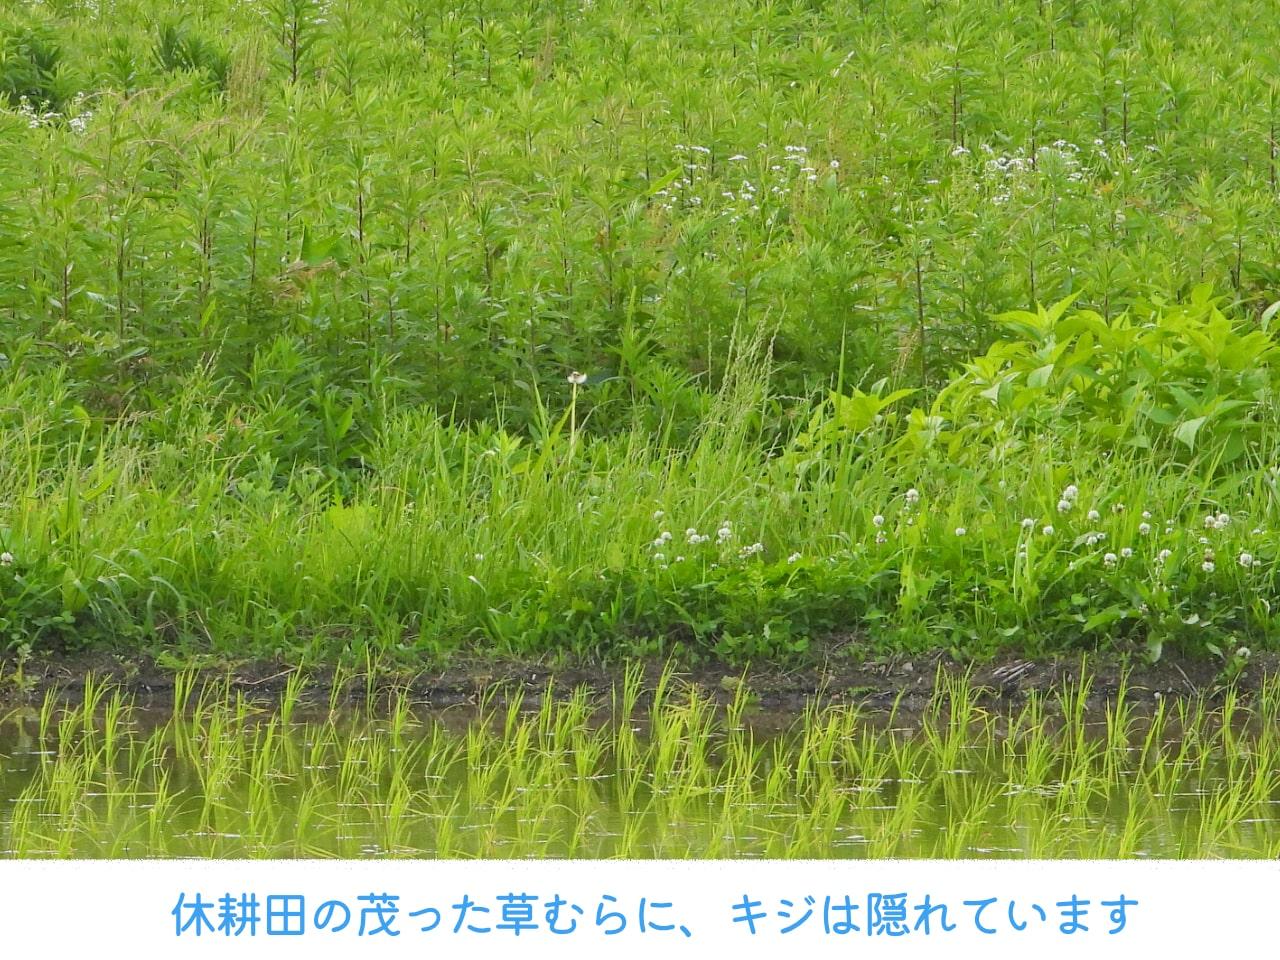 野生のキジが隠れている休耕田の草むら